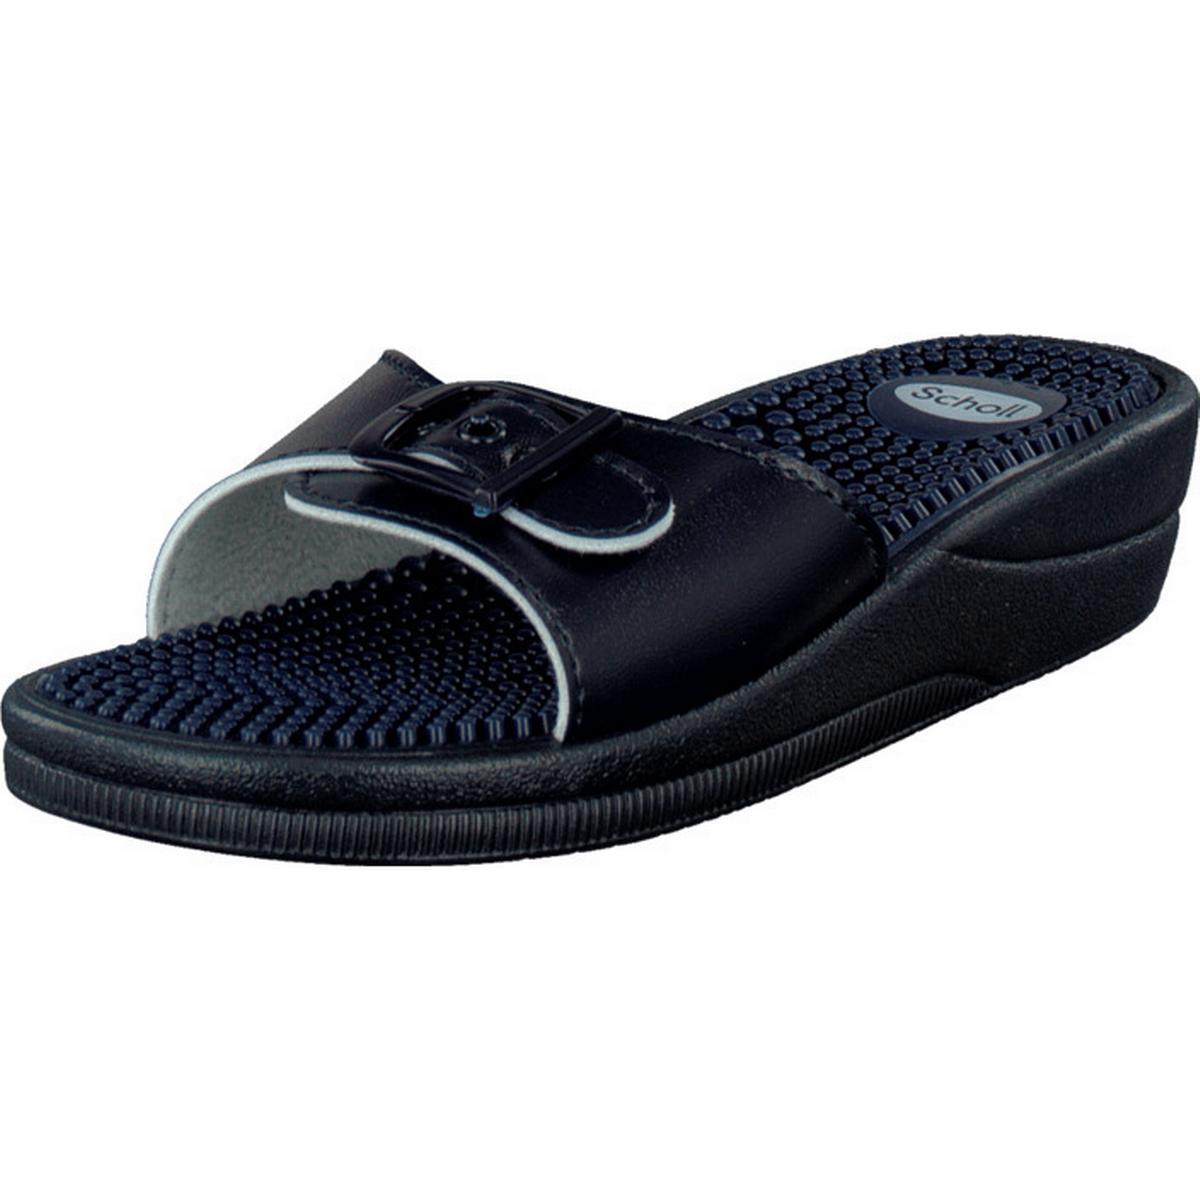 Lostisy Kvinnor Casual Comfy Clip Toe Tofflor